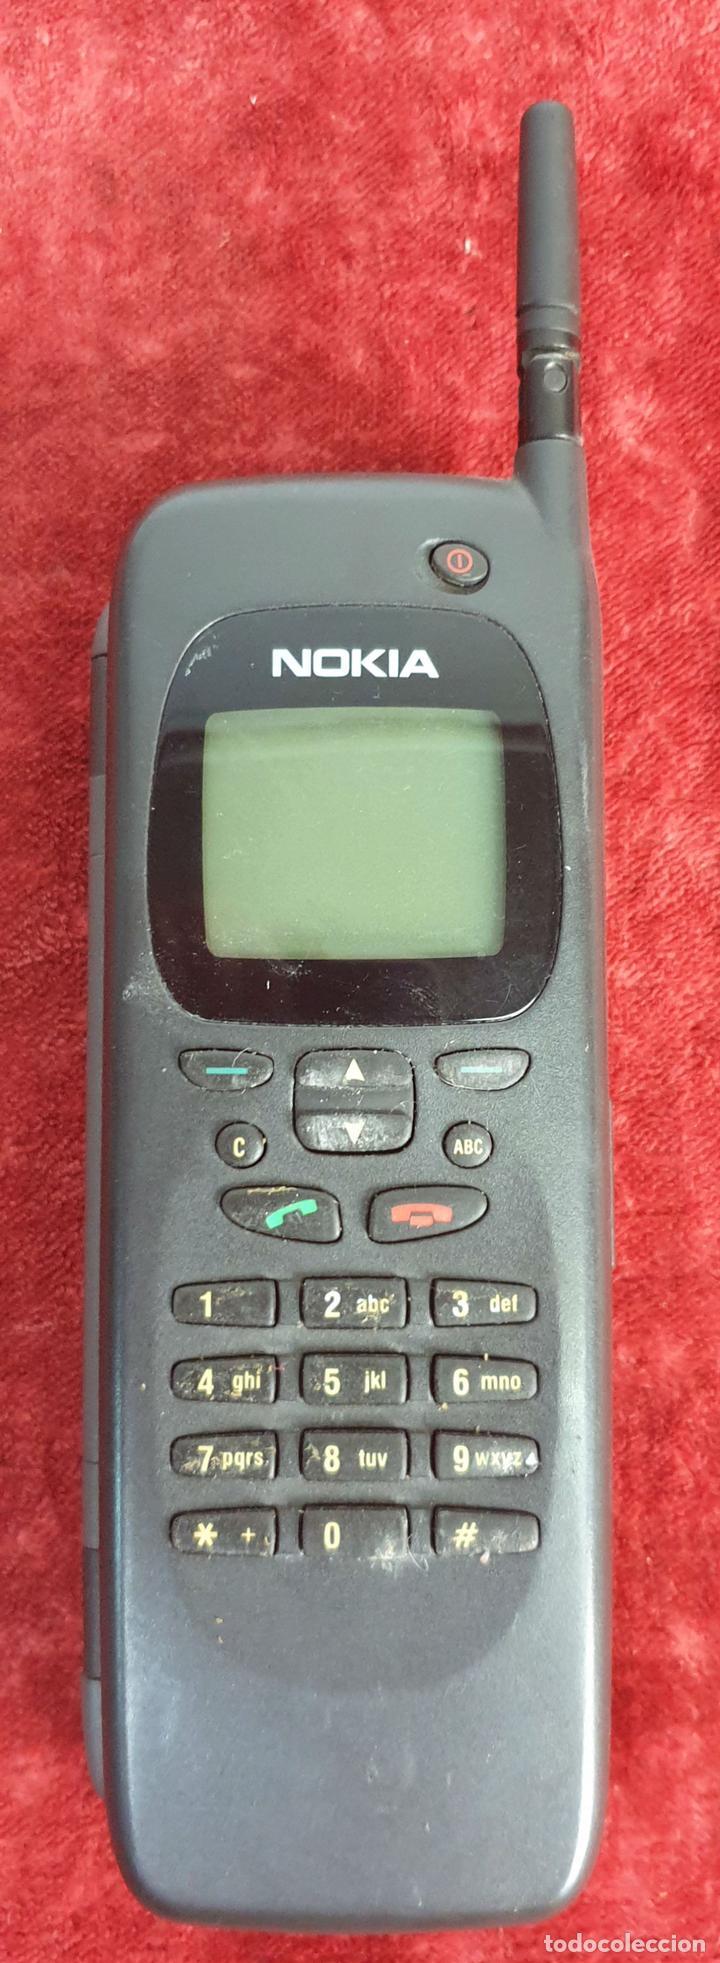 TELÉFONO MÓVIL PDA. NOKIA 9000. MODELO RAE-1N. JAPON. 1996. (Antigüedades - Técnicas - Teléfonos Antiguos)